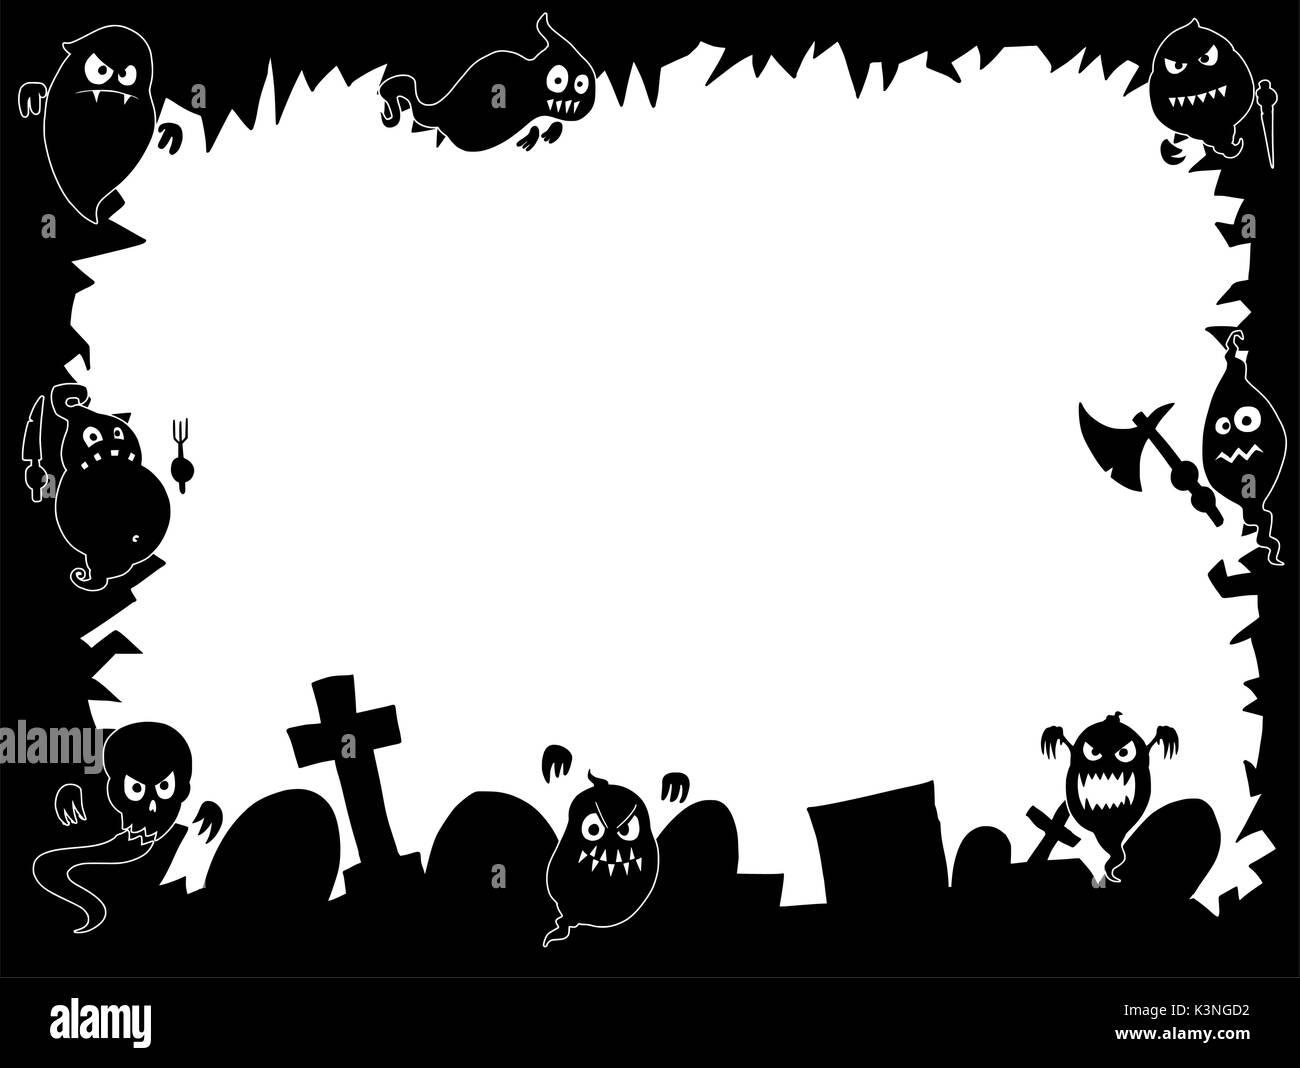 lado da estrutura do dia das bruxas com desenho cartoon engraçado